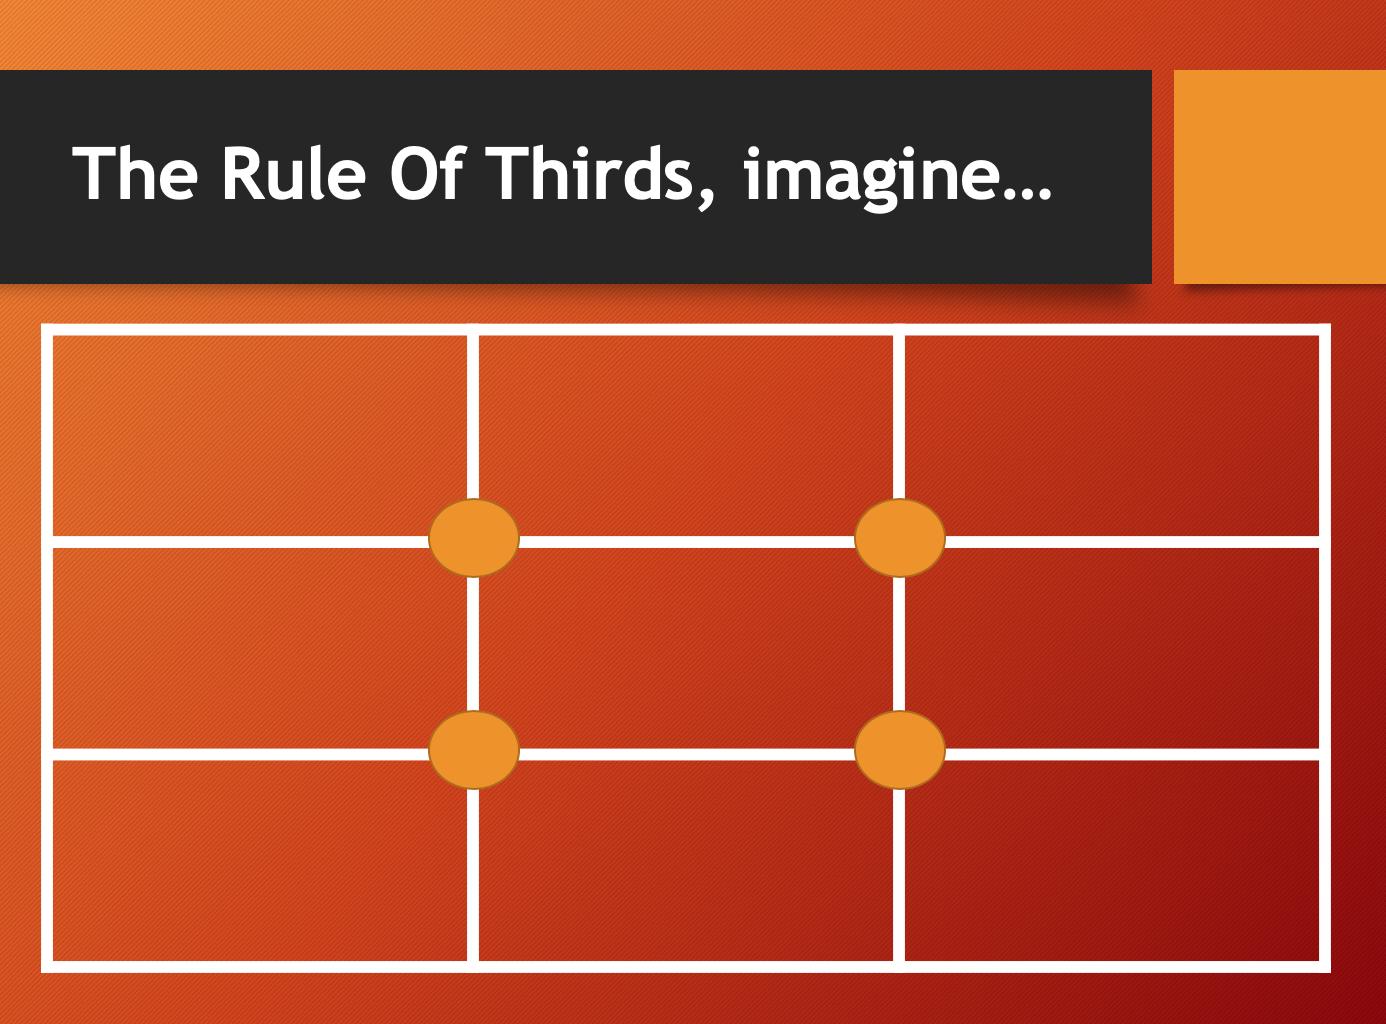 Rule of third